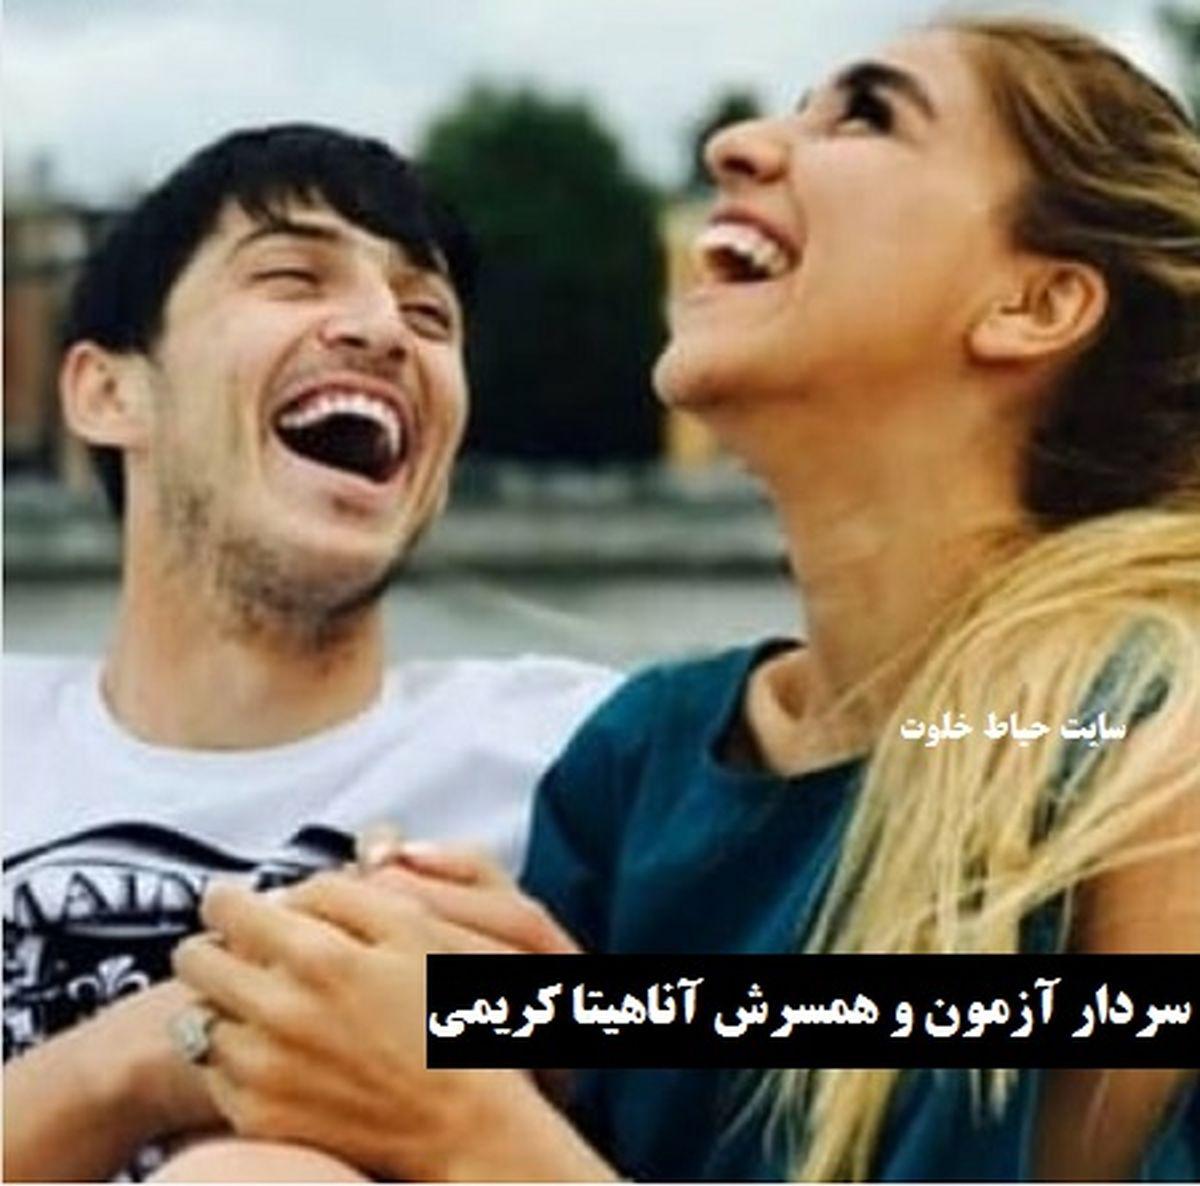 عکس جنجالی از جت شخصی سردار ازمون + بیوگرافی و تصاویر